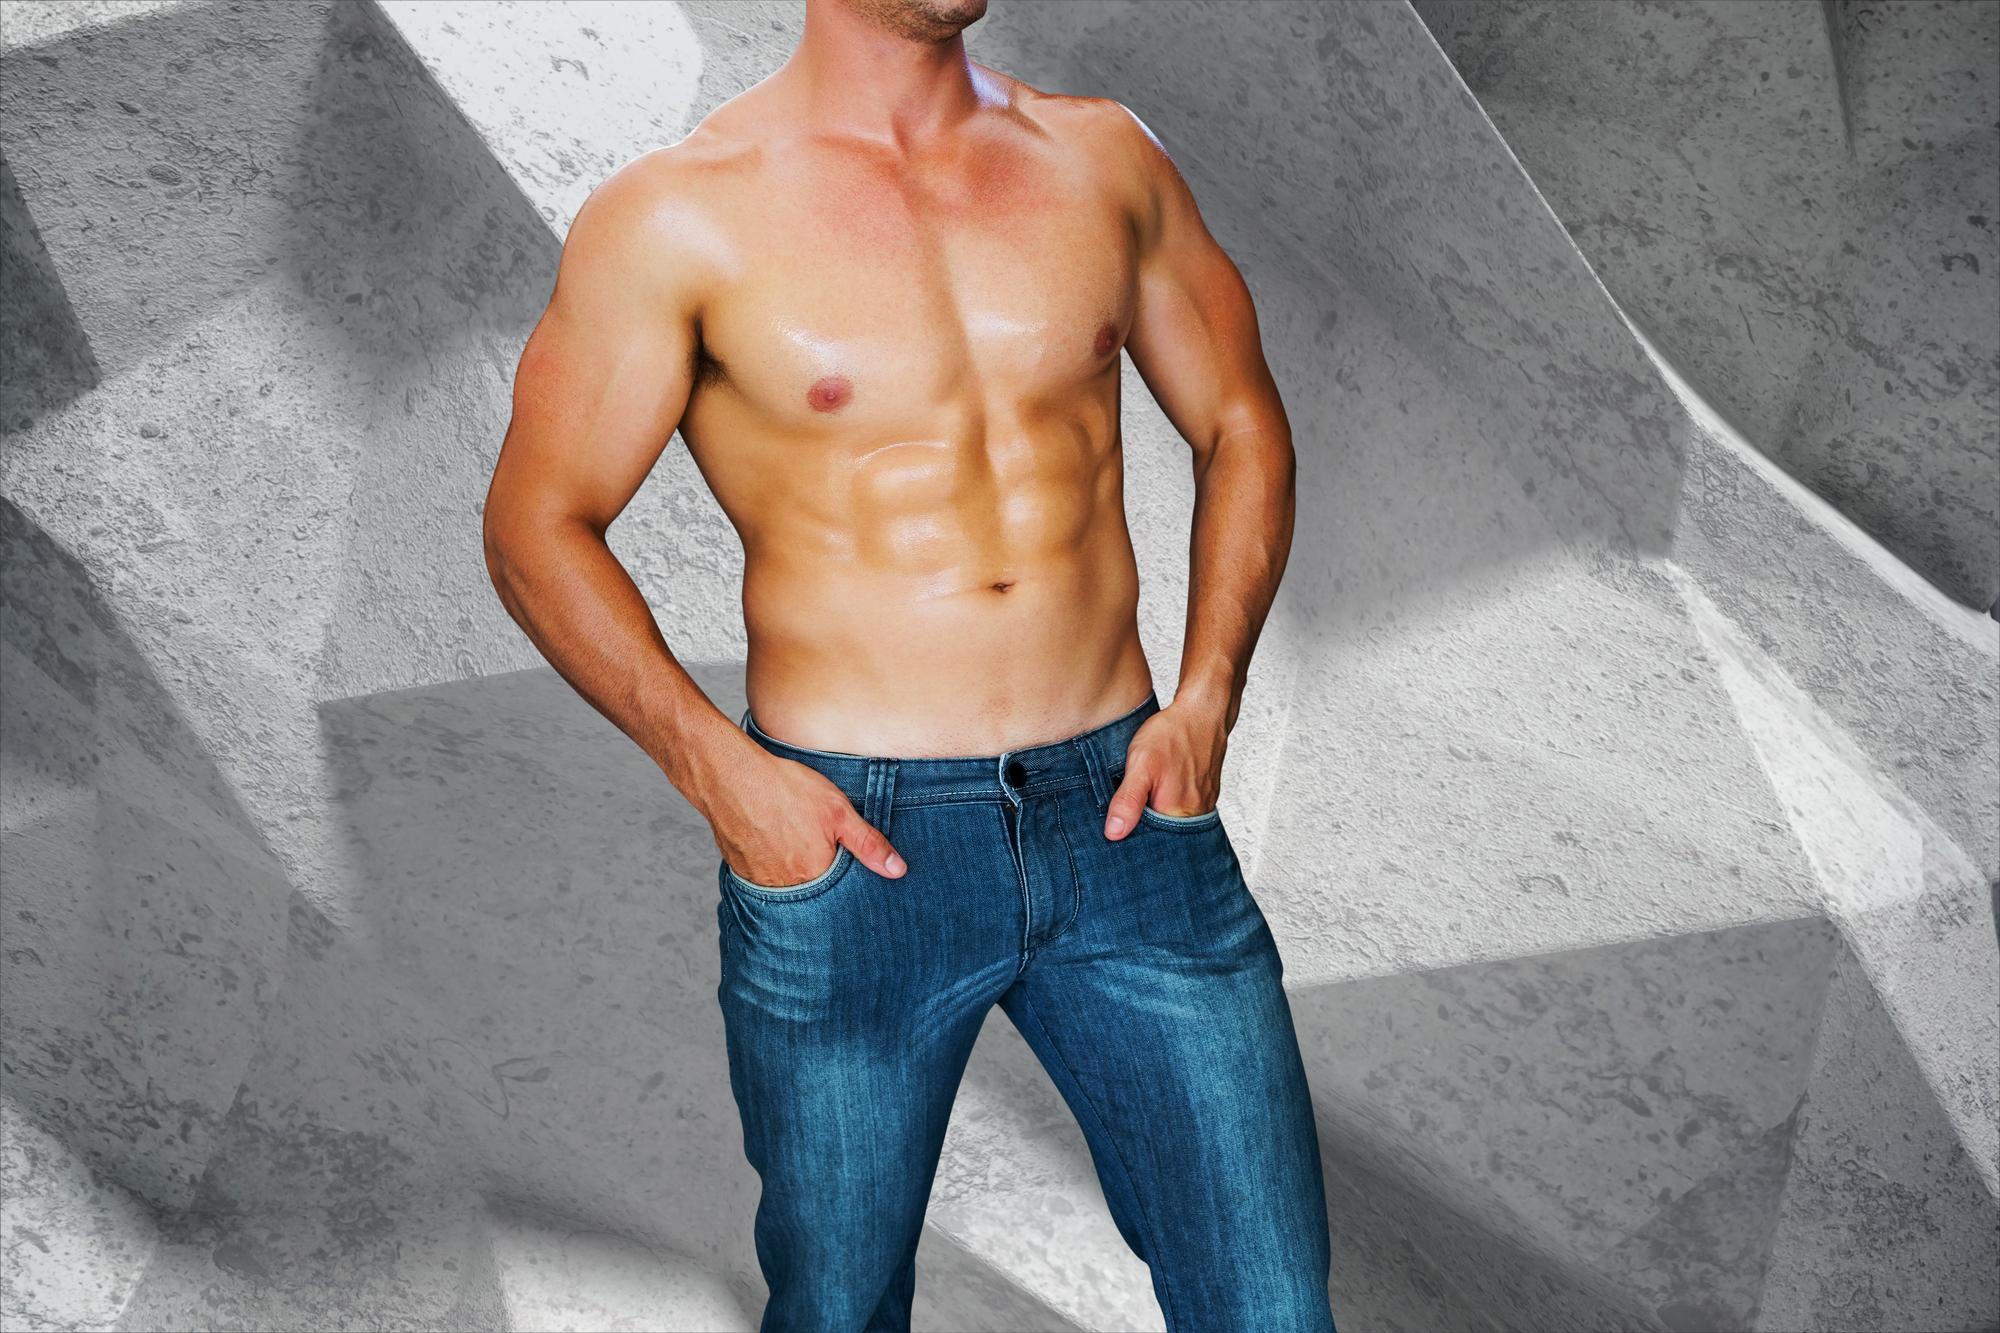 Attractive bodybuilder against grey angular background